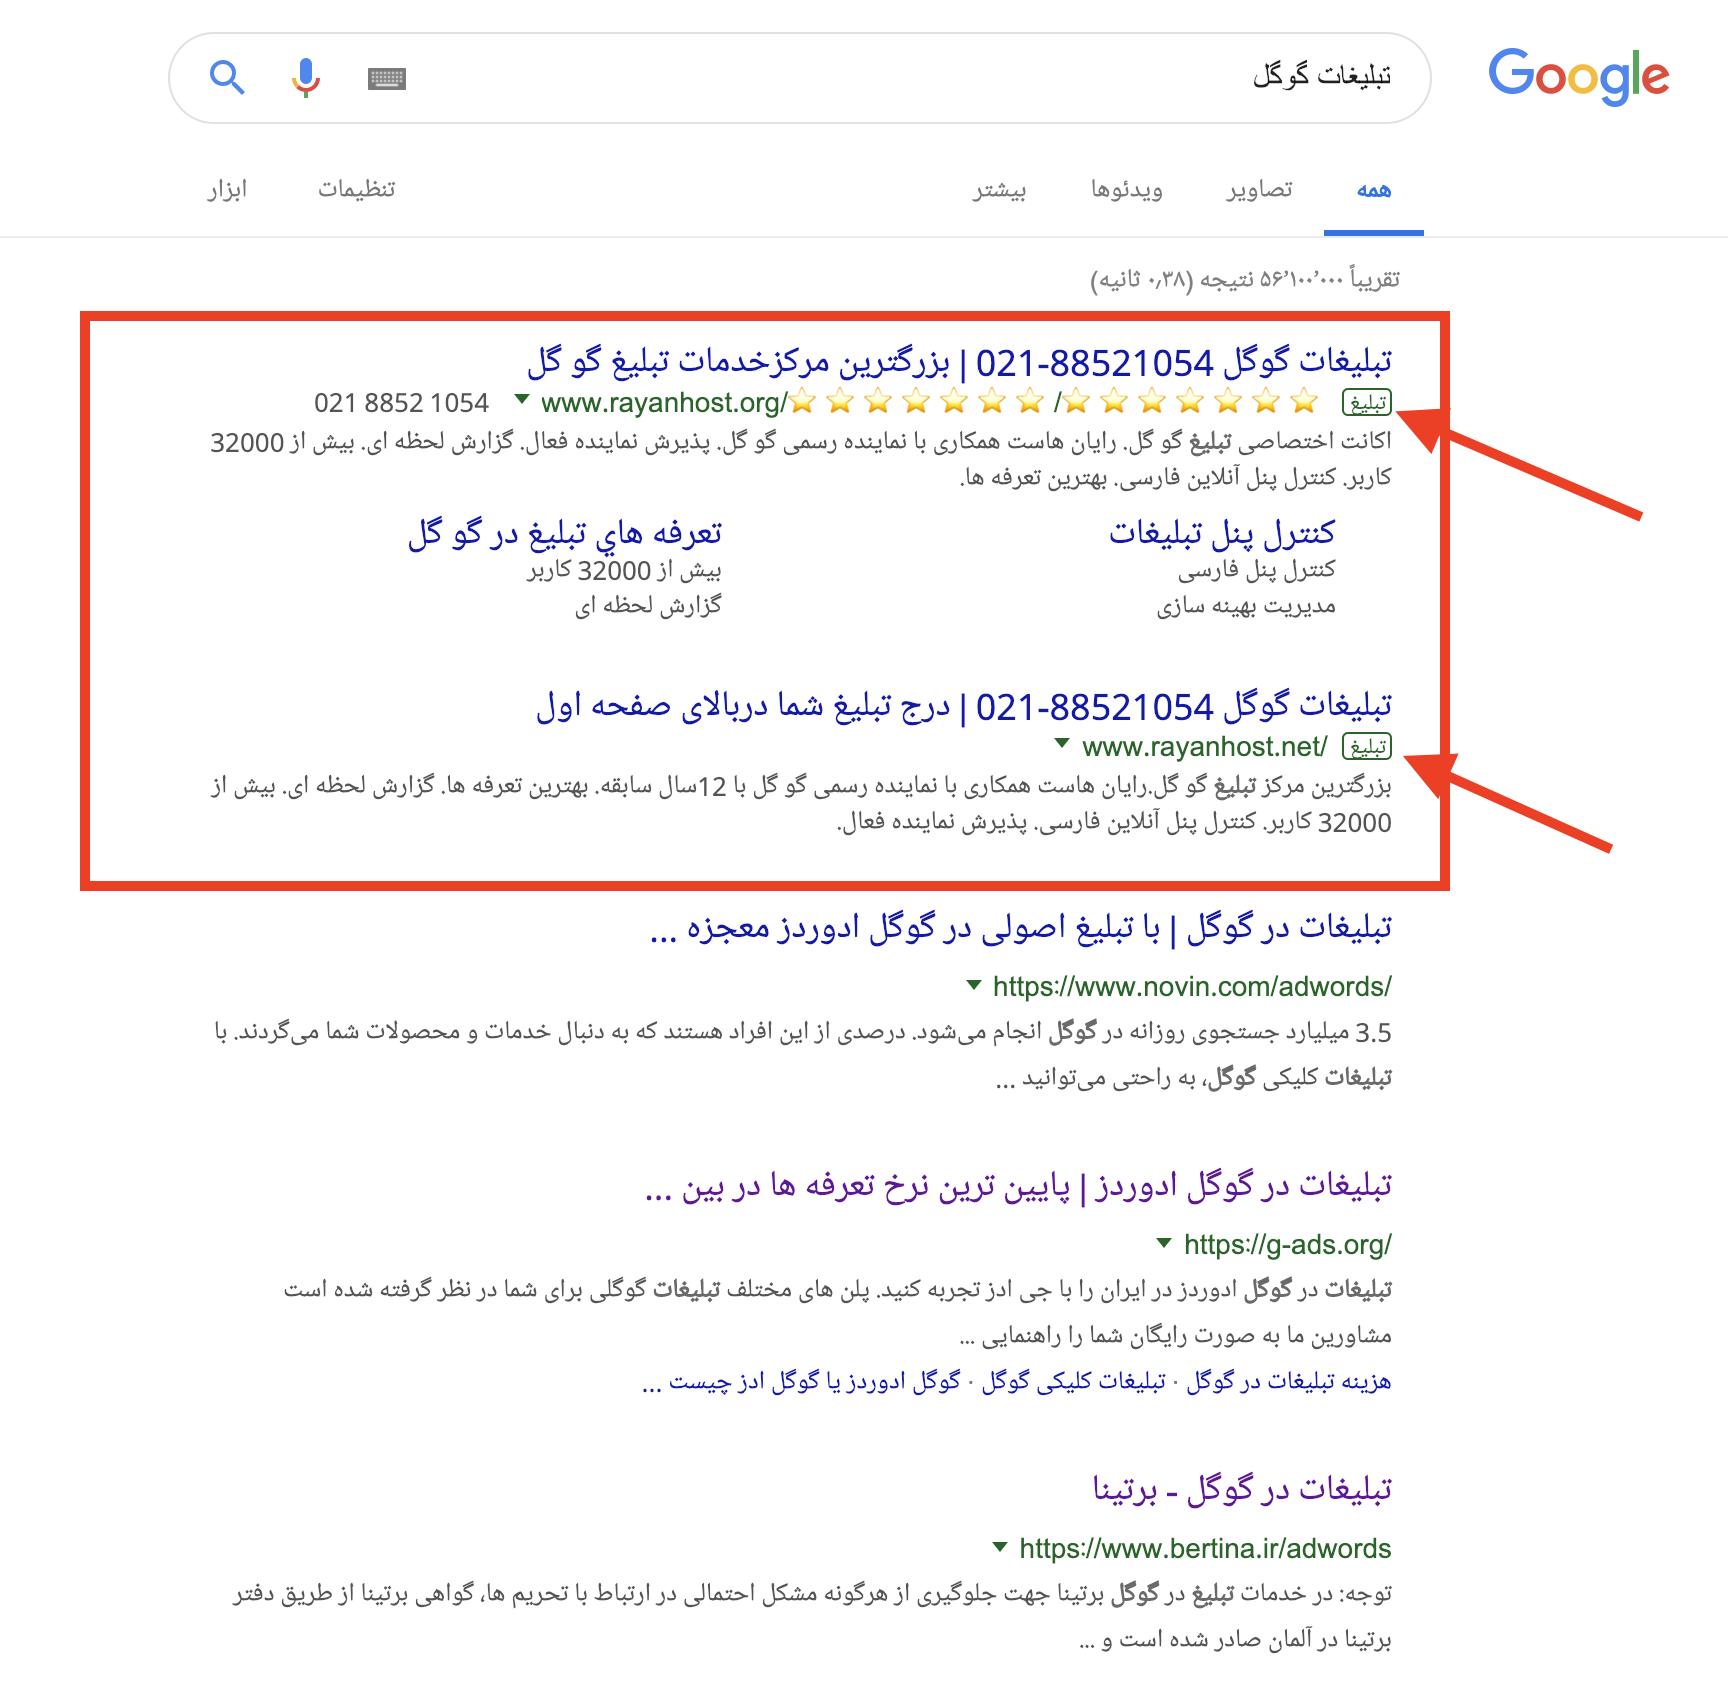 تبلیغات پولی در نتایج گوگل